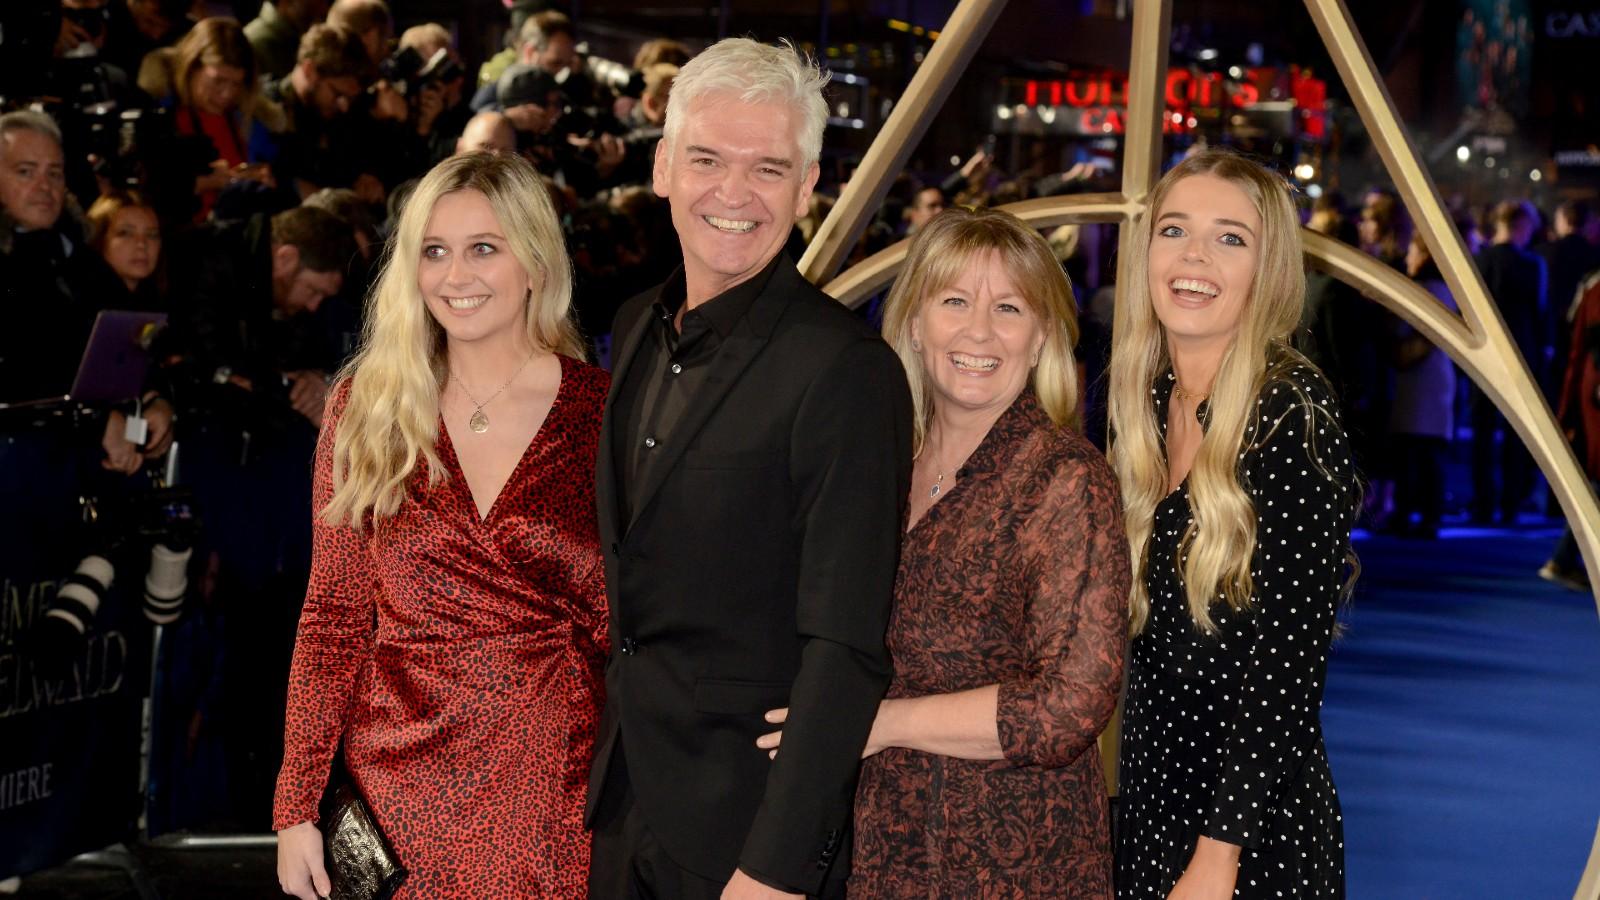 Phillip Schofield, sa femme Stephanie Lowe et leurs filles Ruby et Molly.